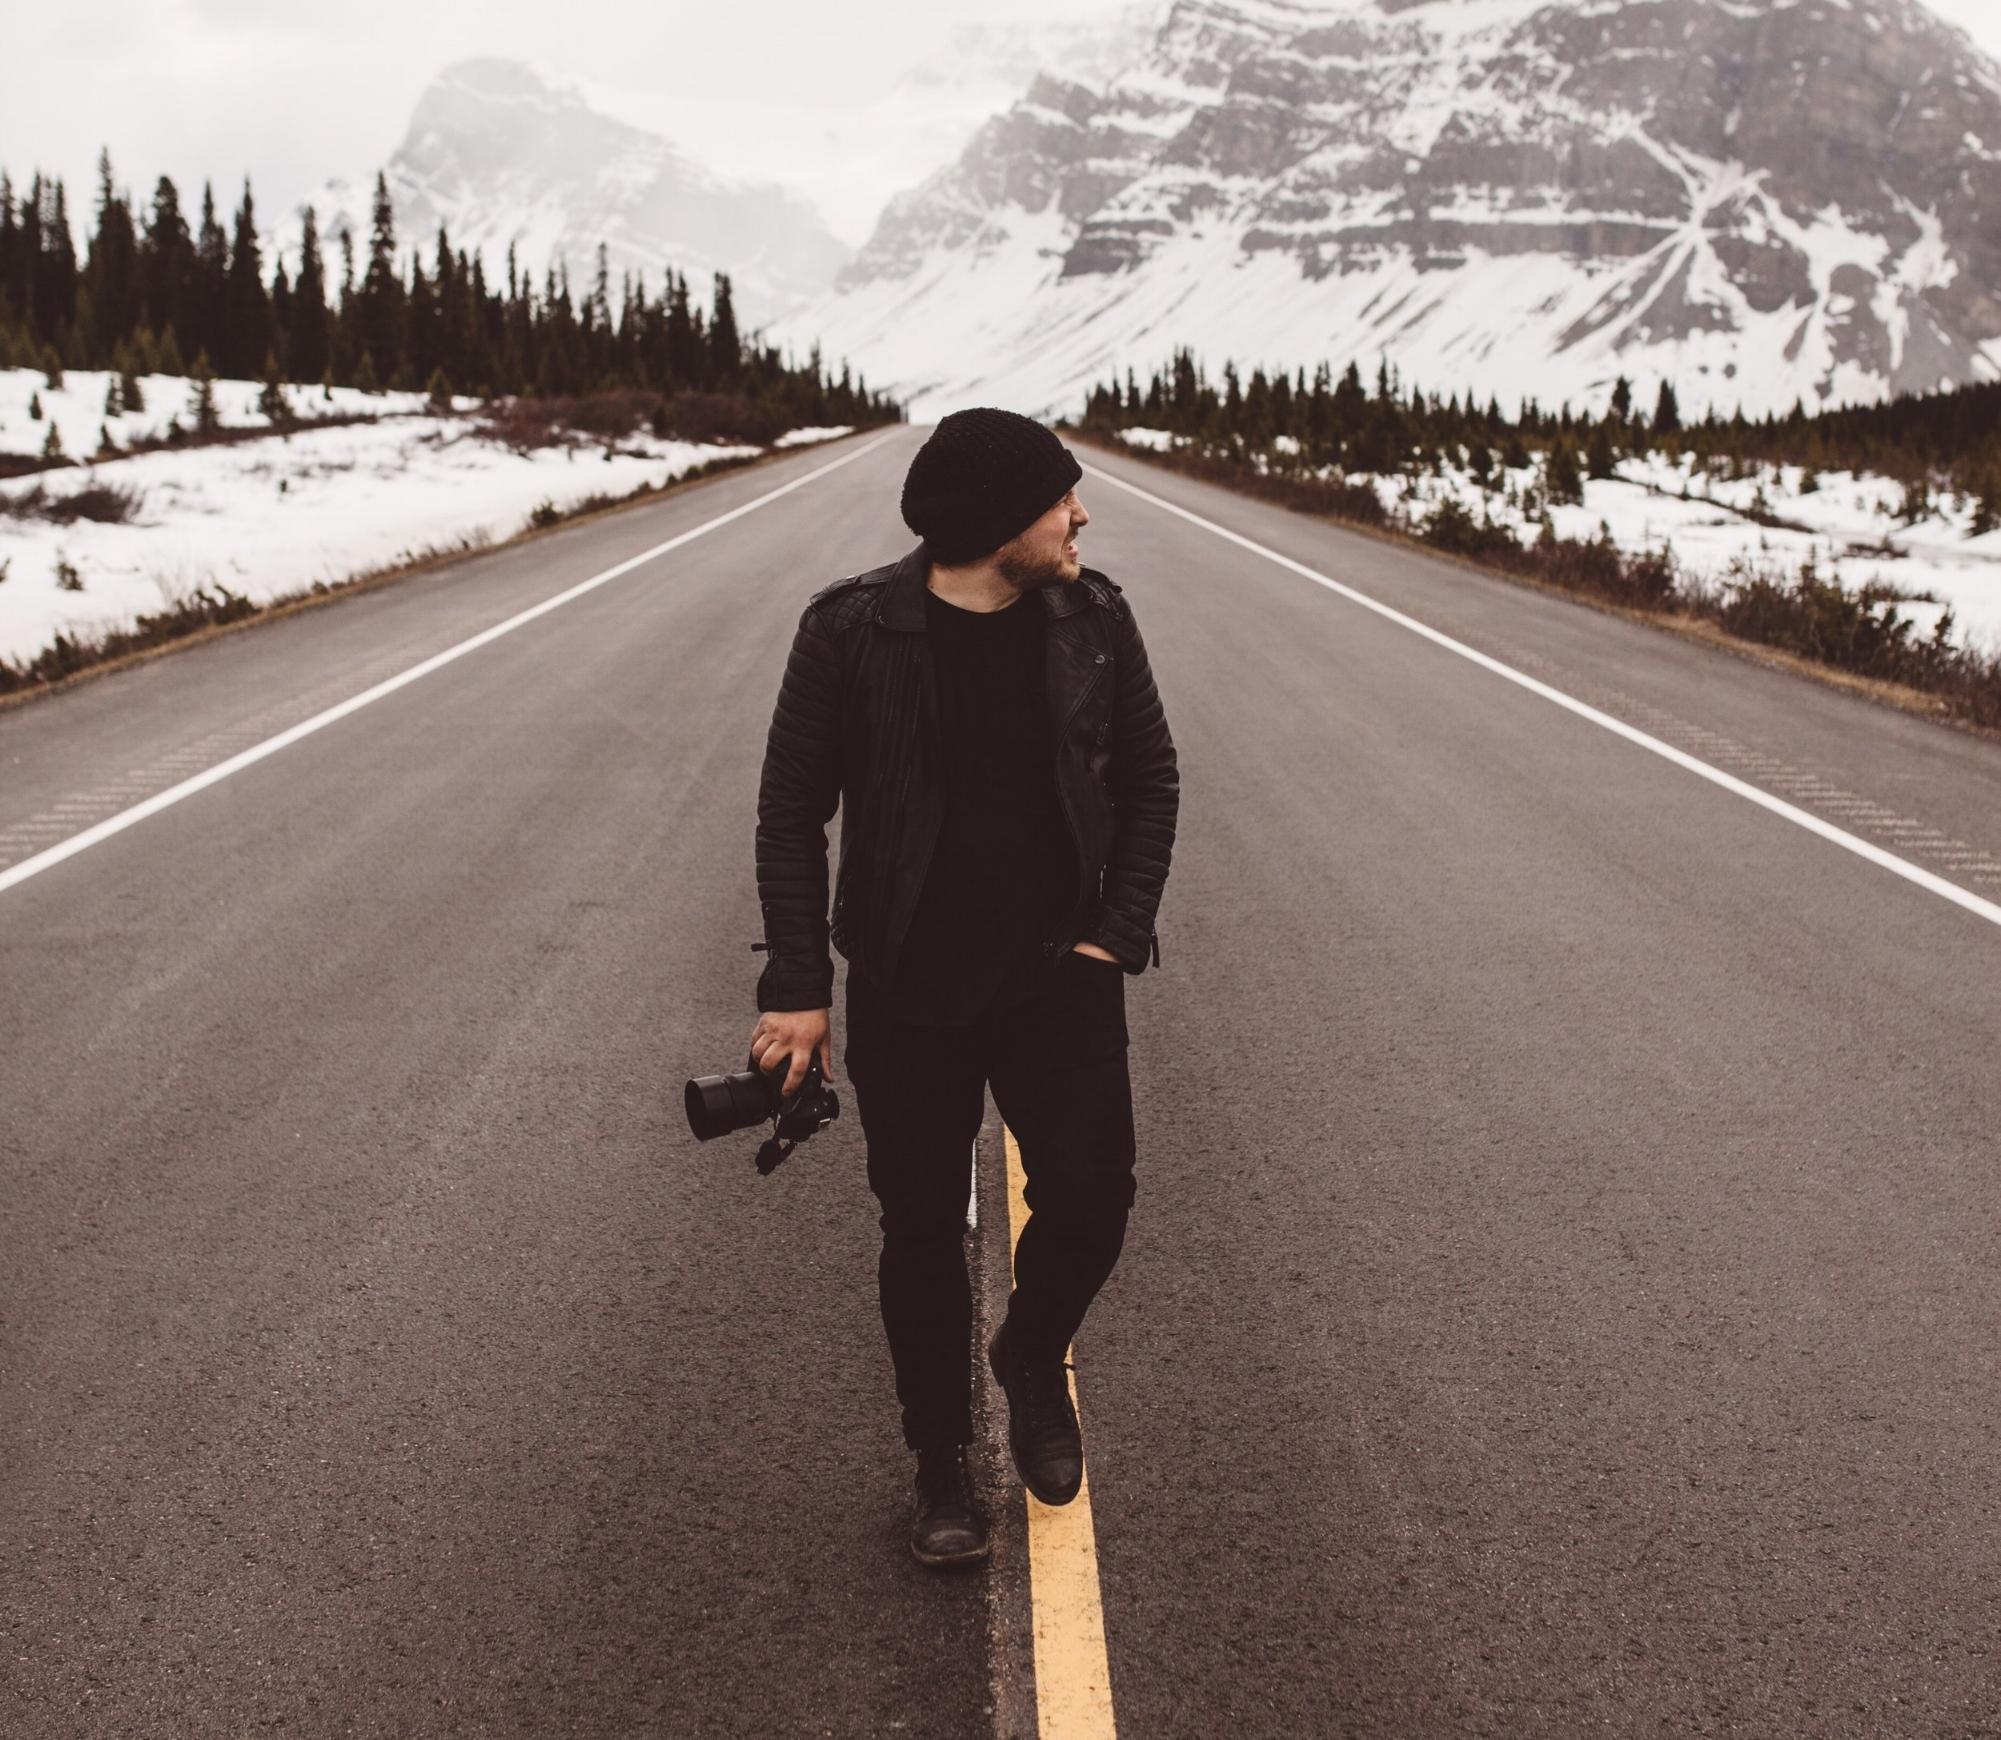 Tanner Stewart - @tannerwendellEmmy Award Winning Photographer